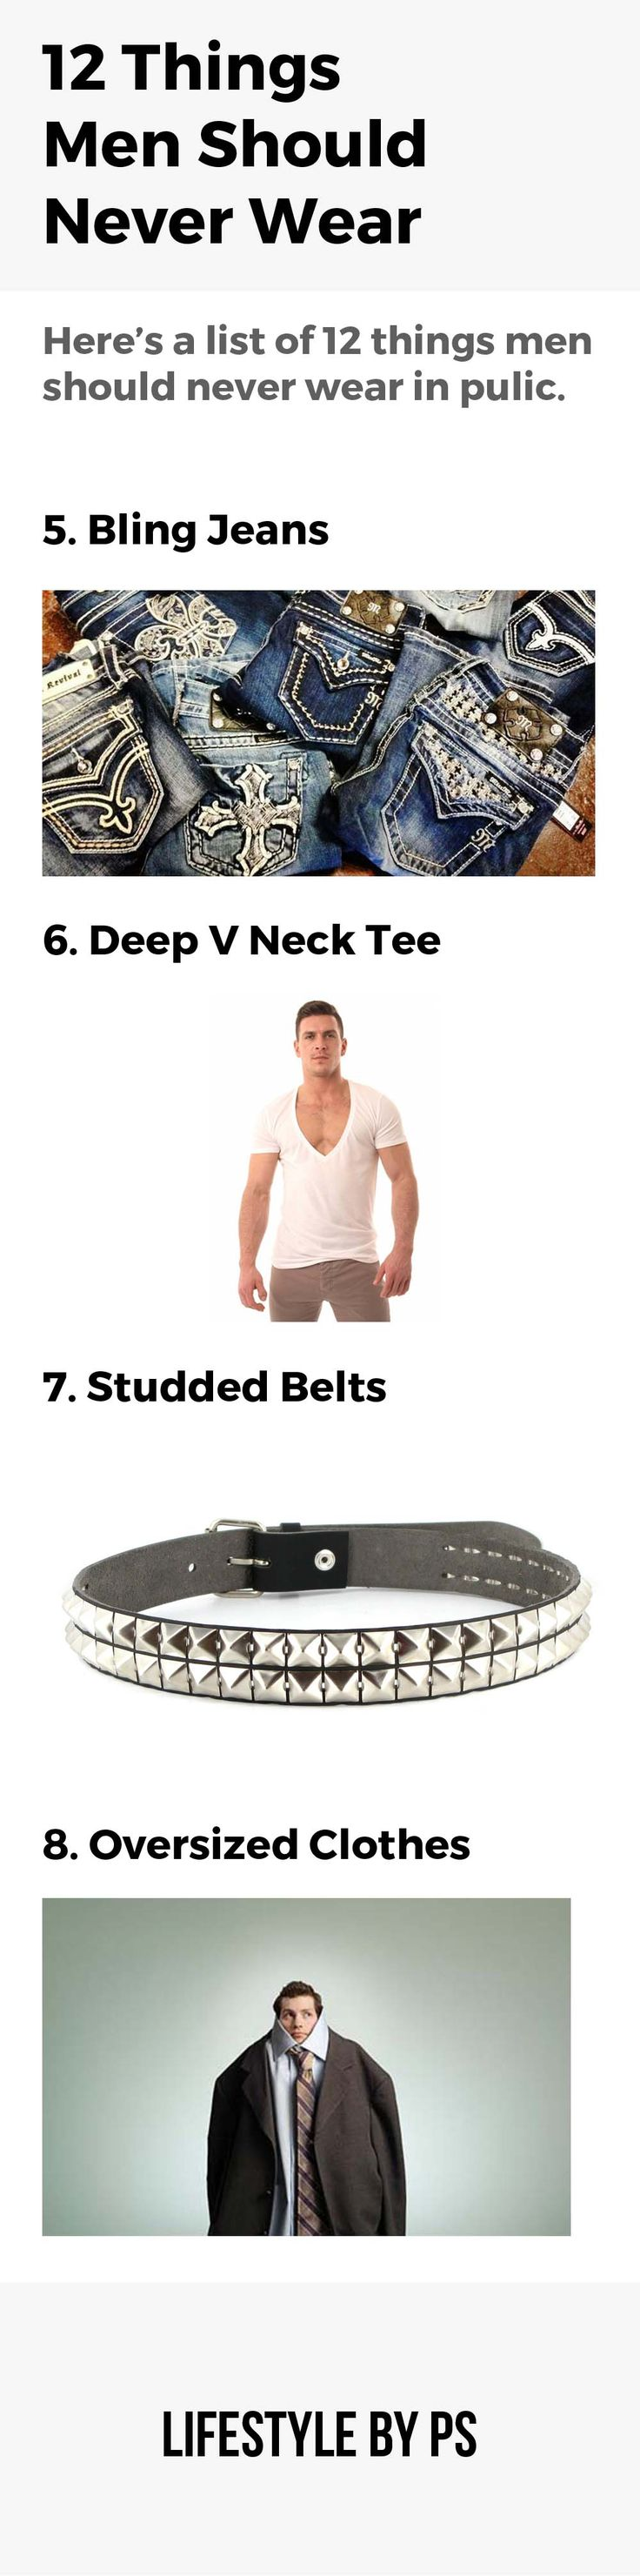 things men should never wear in public